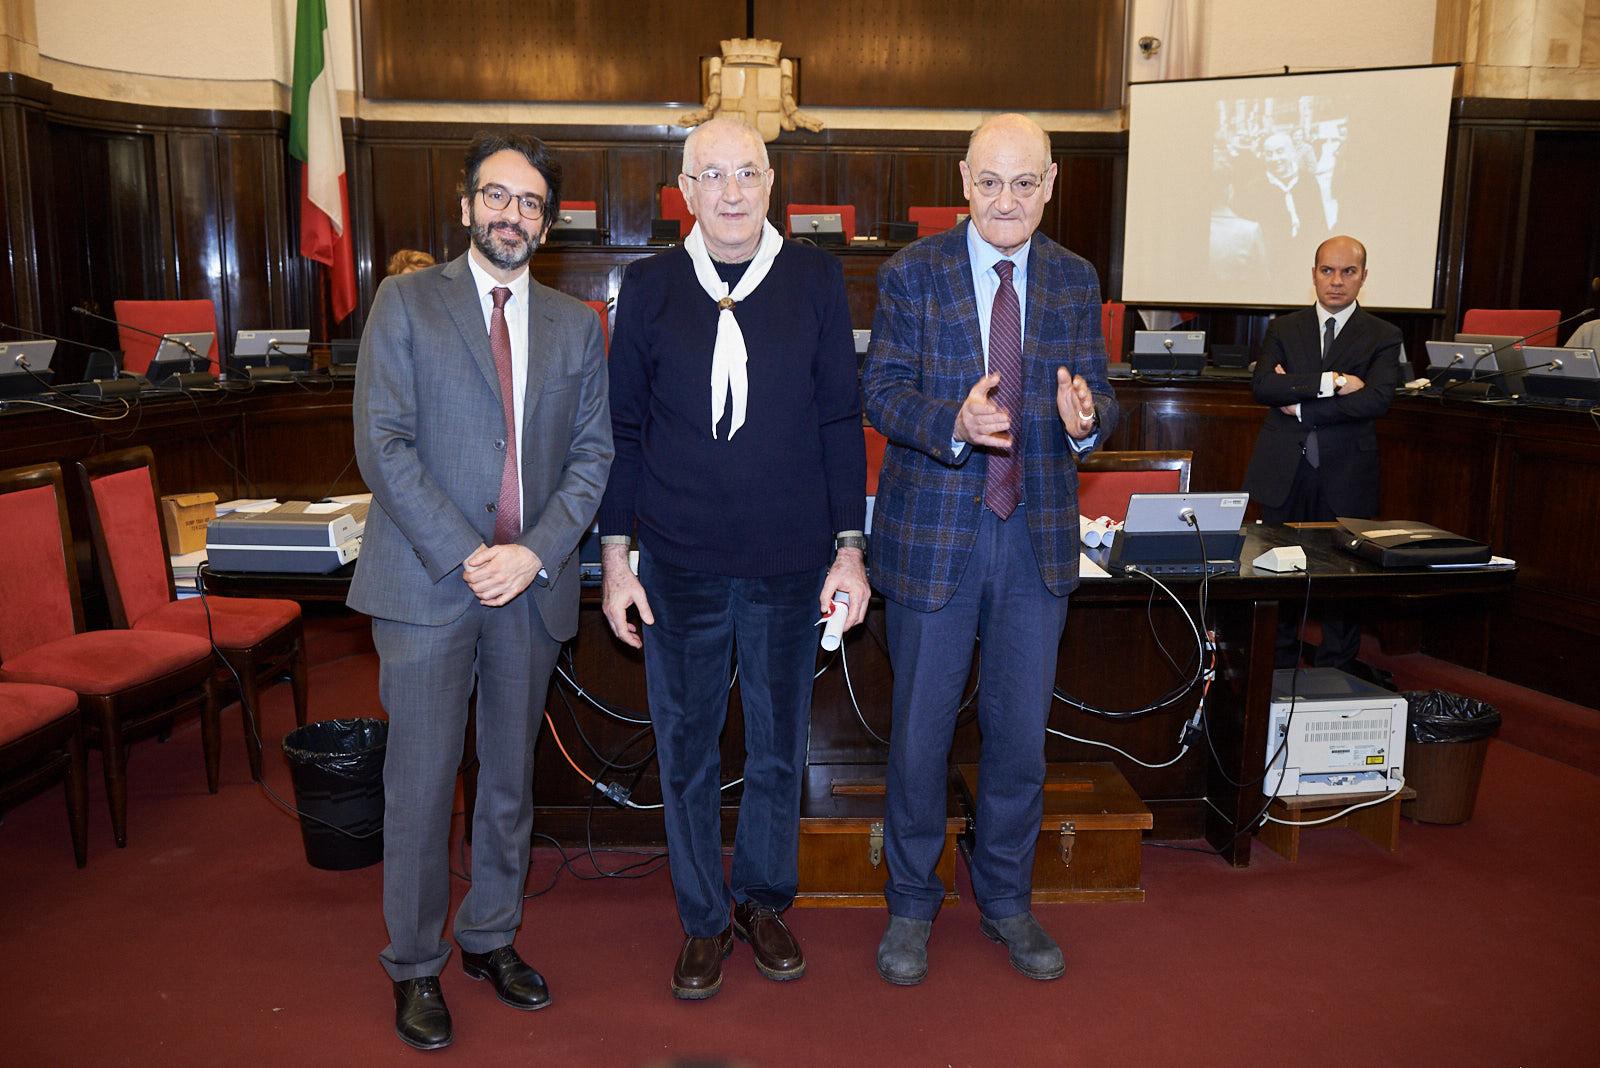 Vittorio Cagnoni picks up the parchment for Father Andrea Ghetti